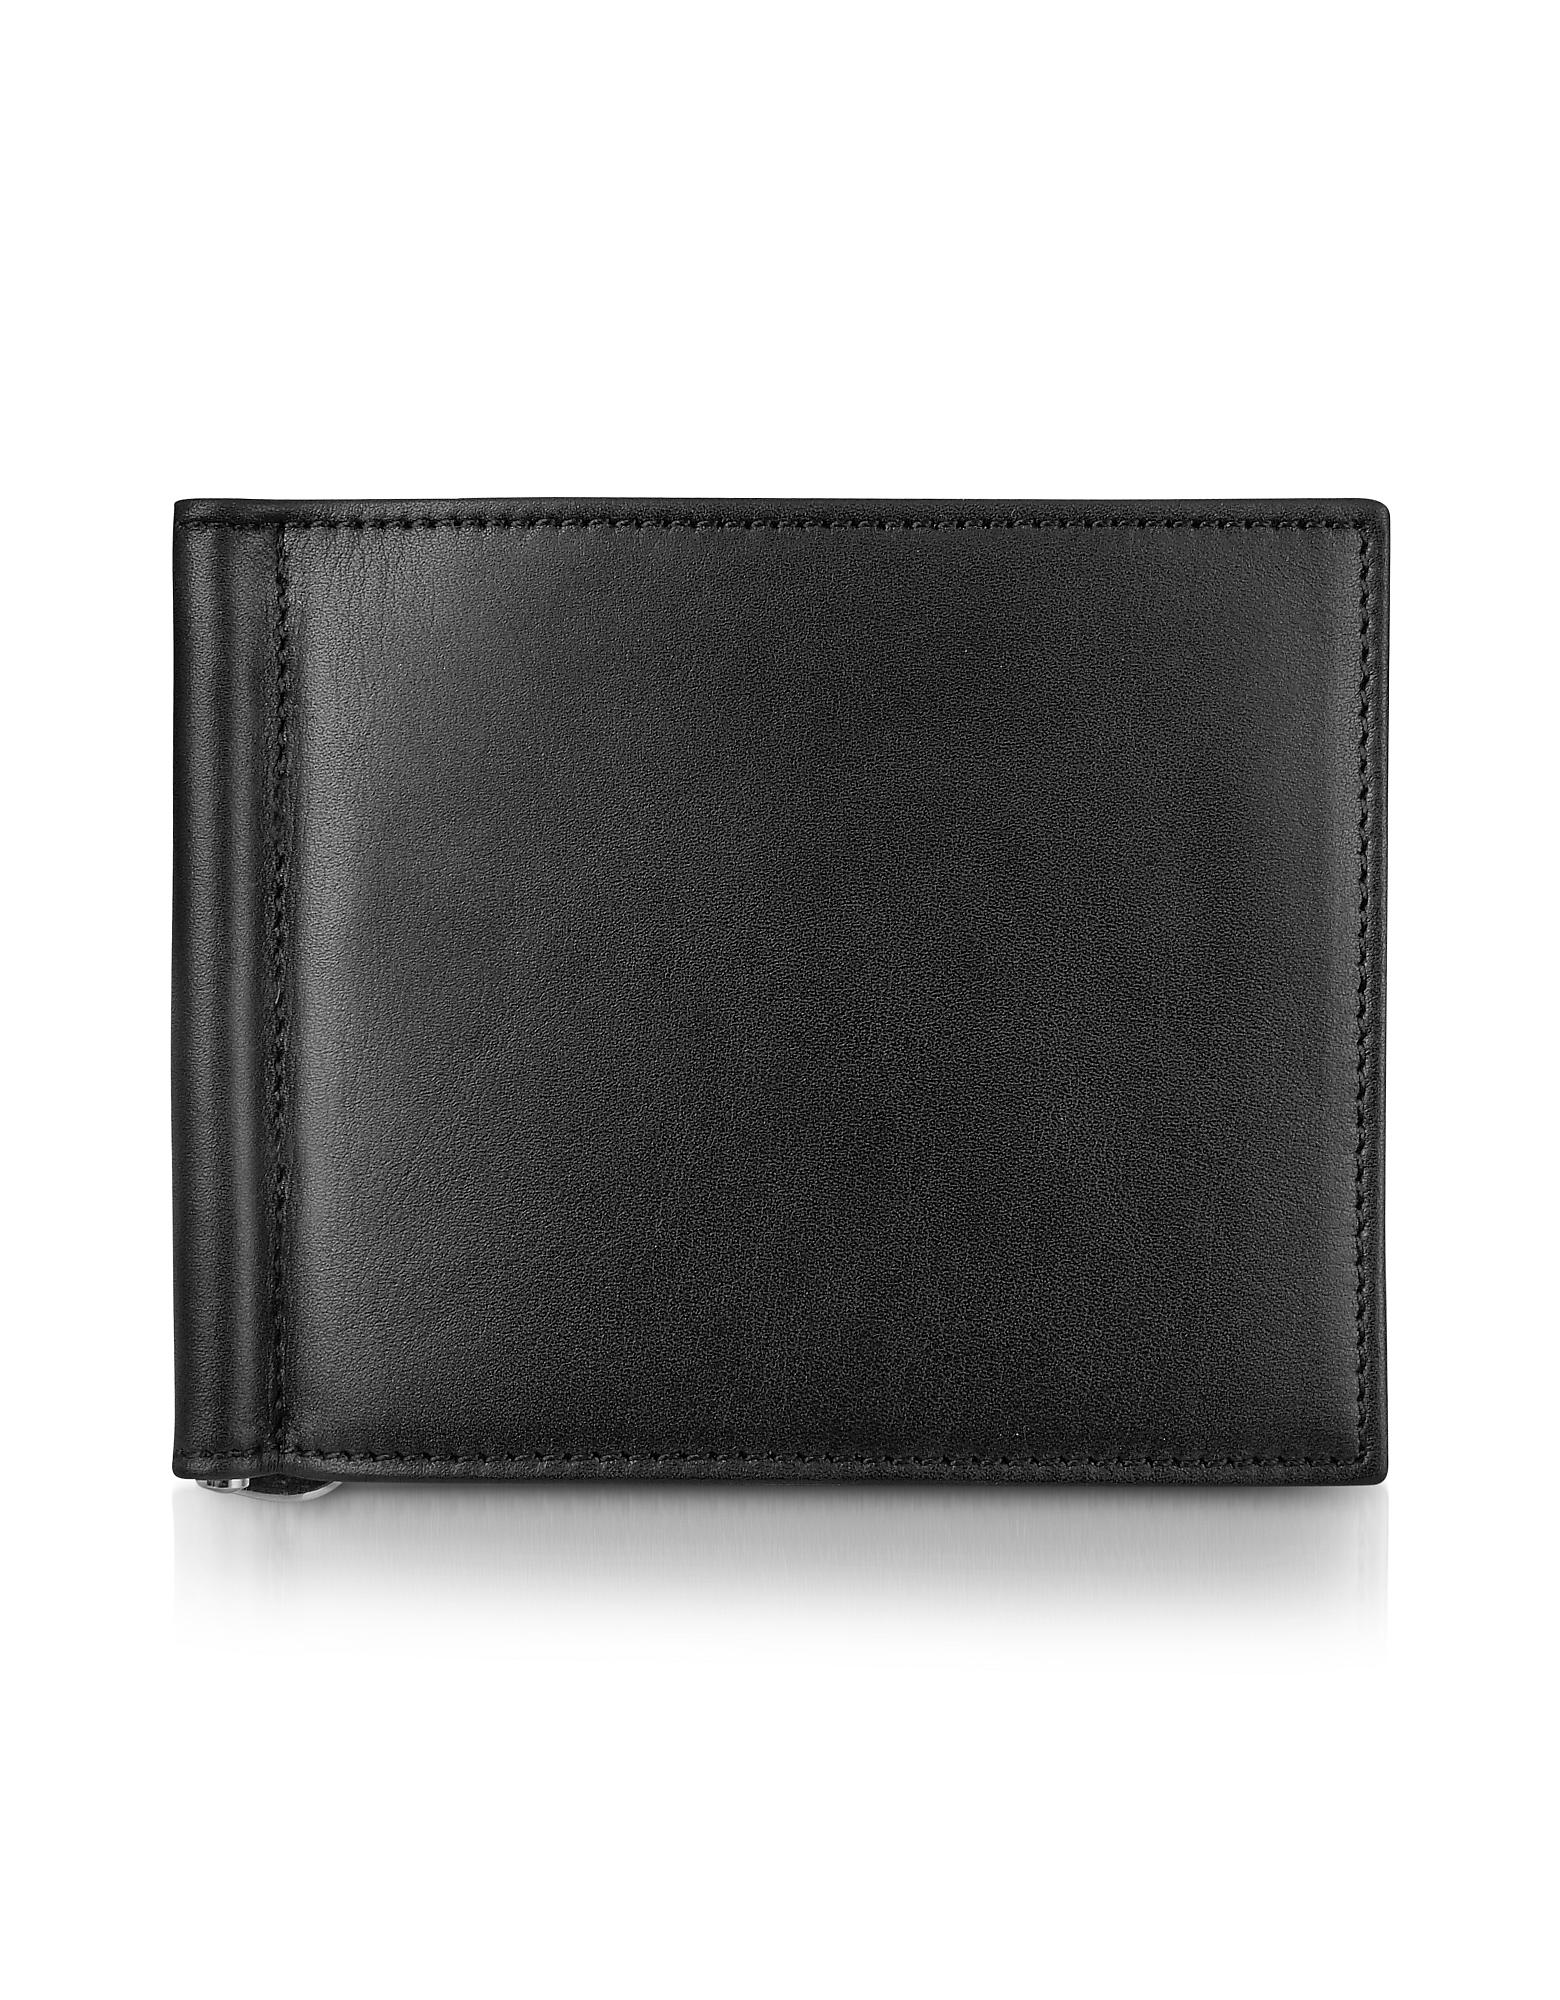 Classica Collection - Черный Бумажник из Кожи Теленка с Зажимом для Денег